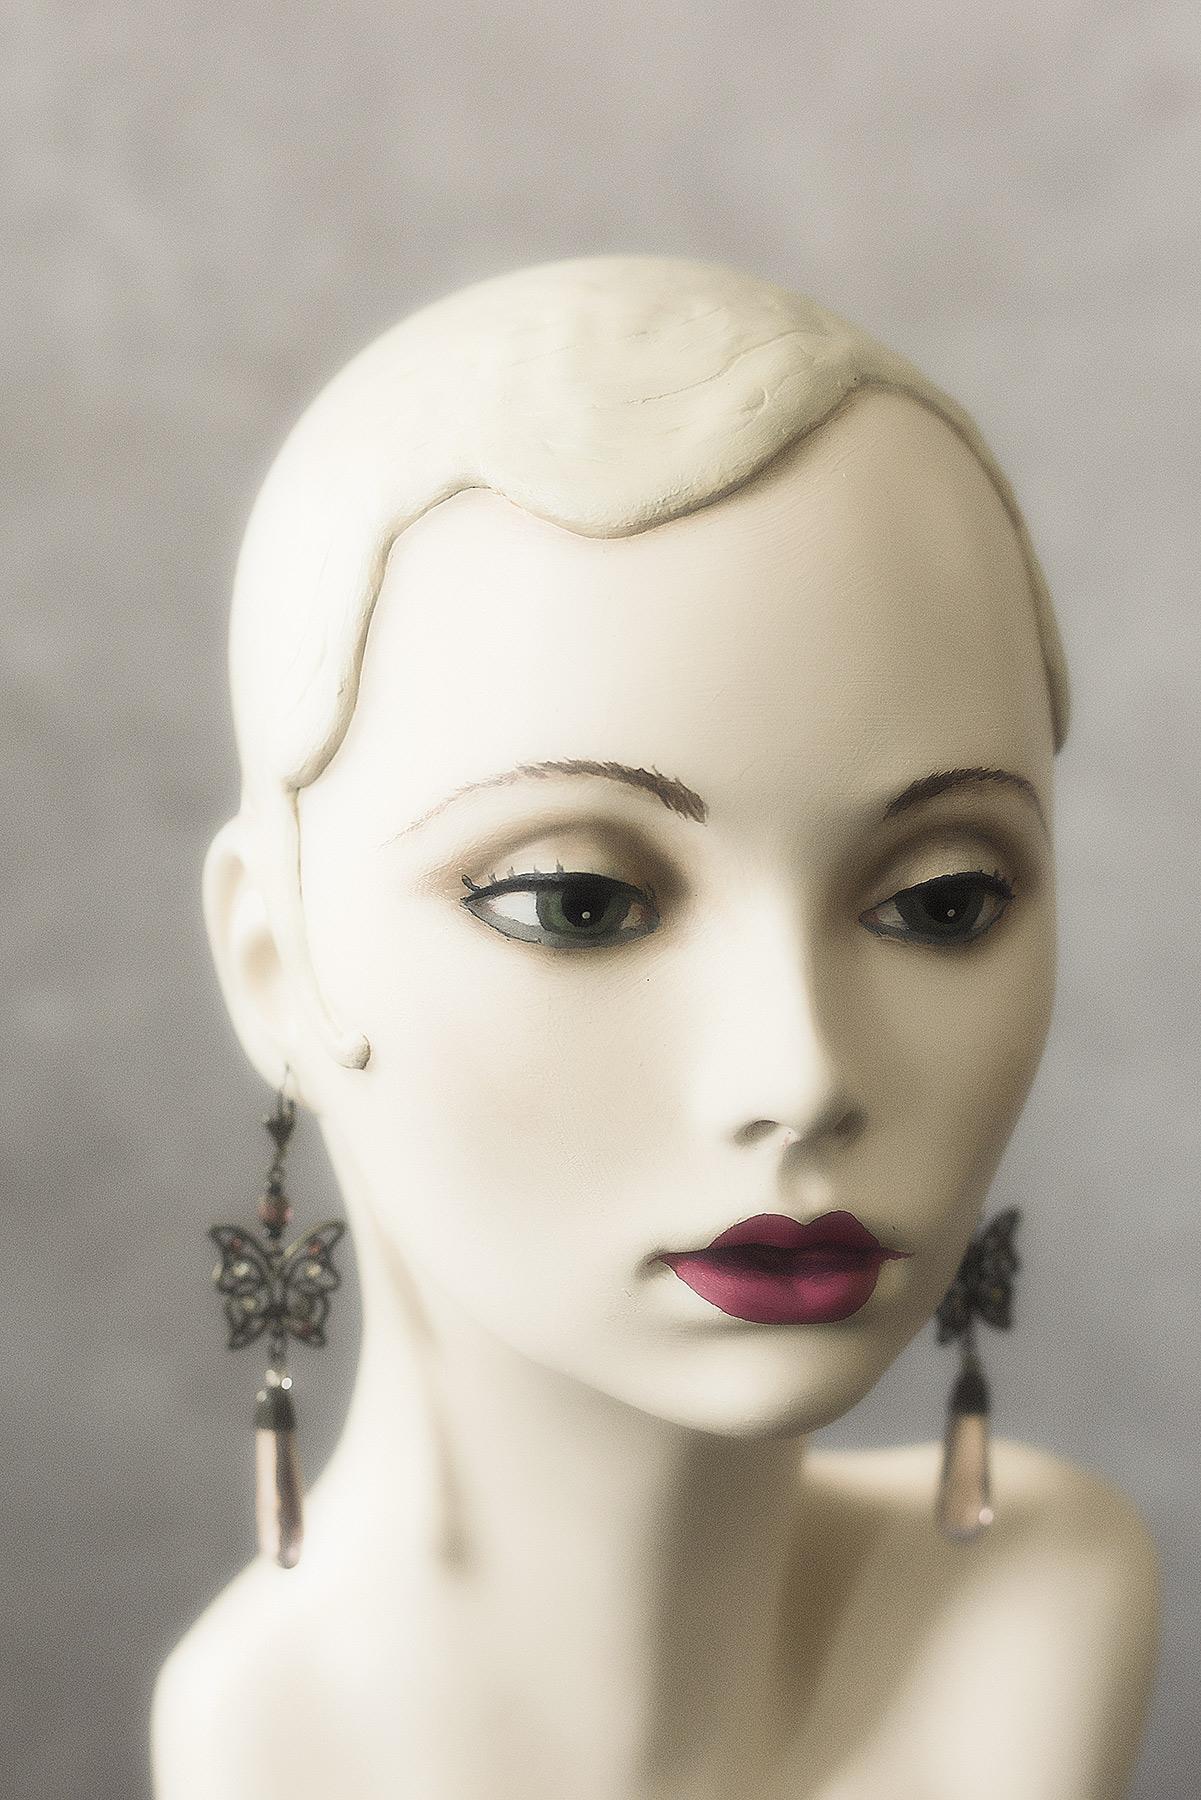 Mannequin #MNQ-1607